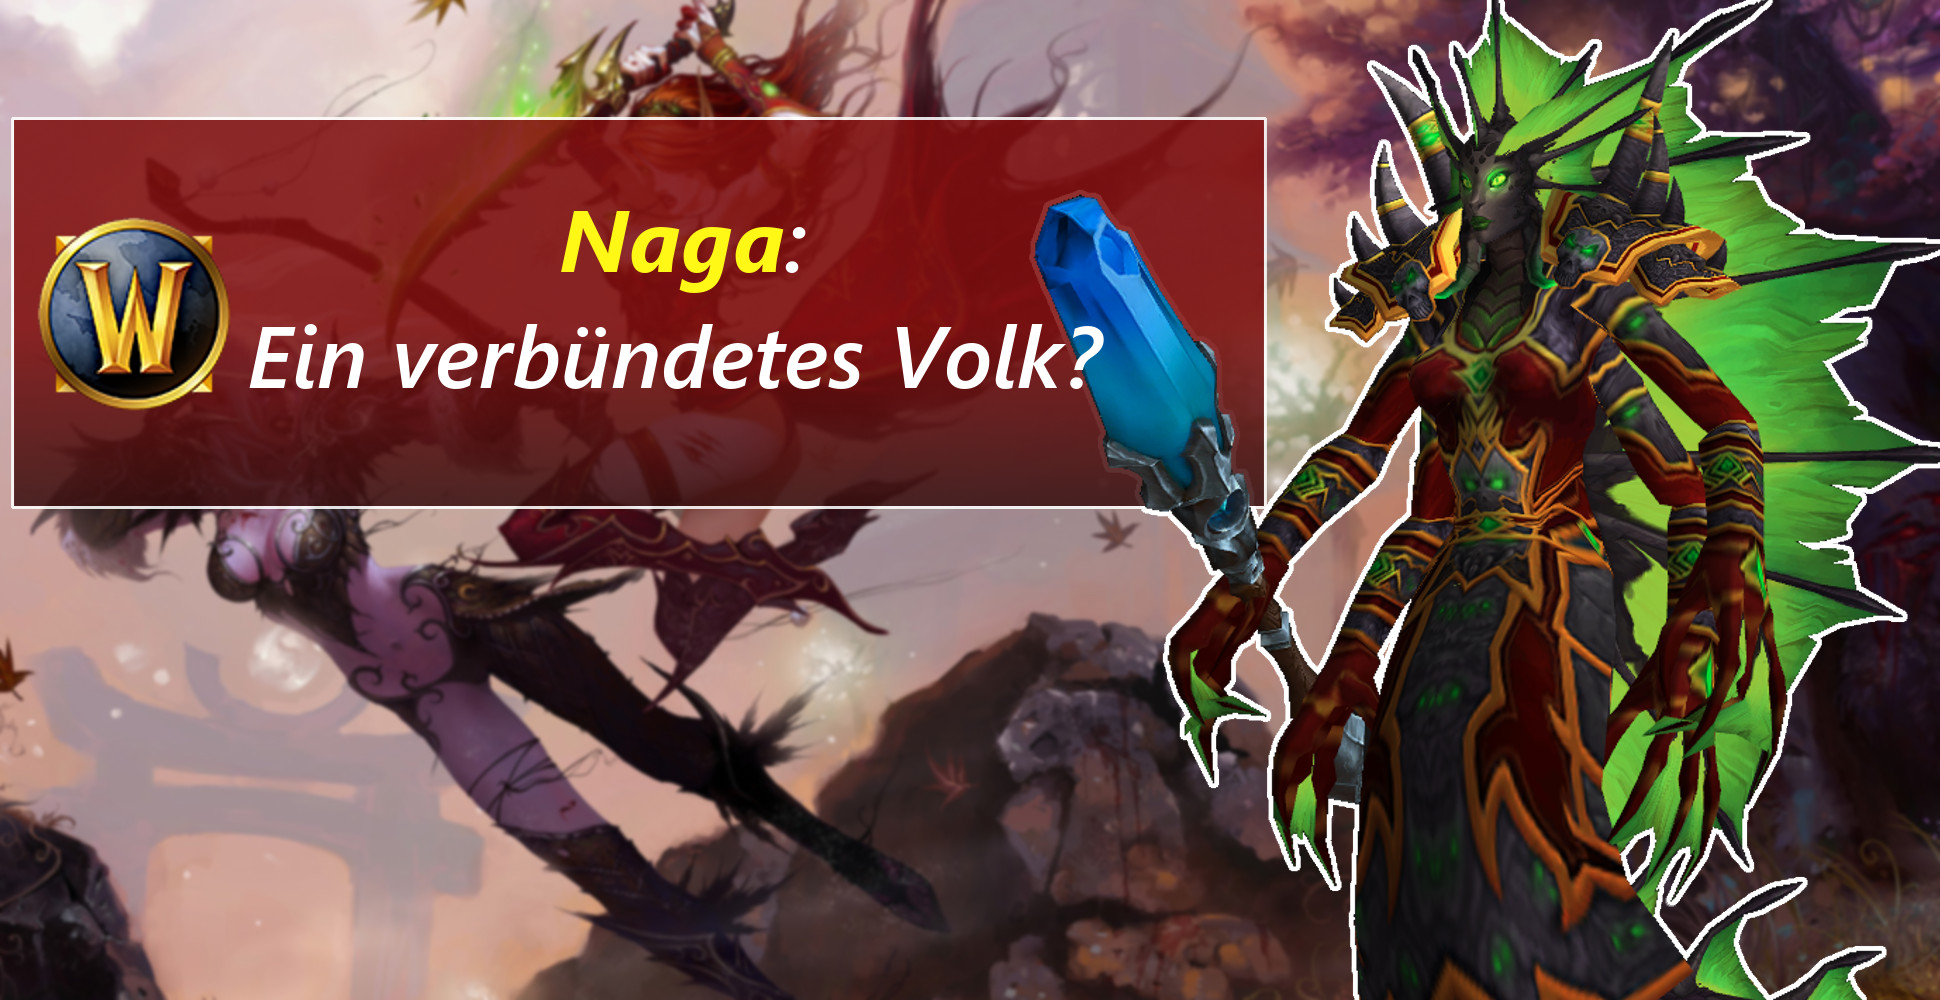 Naga als Verbündetes Volk in WoW – Hirngespinst oder möglich?